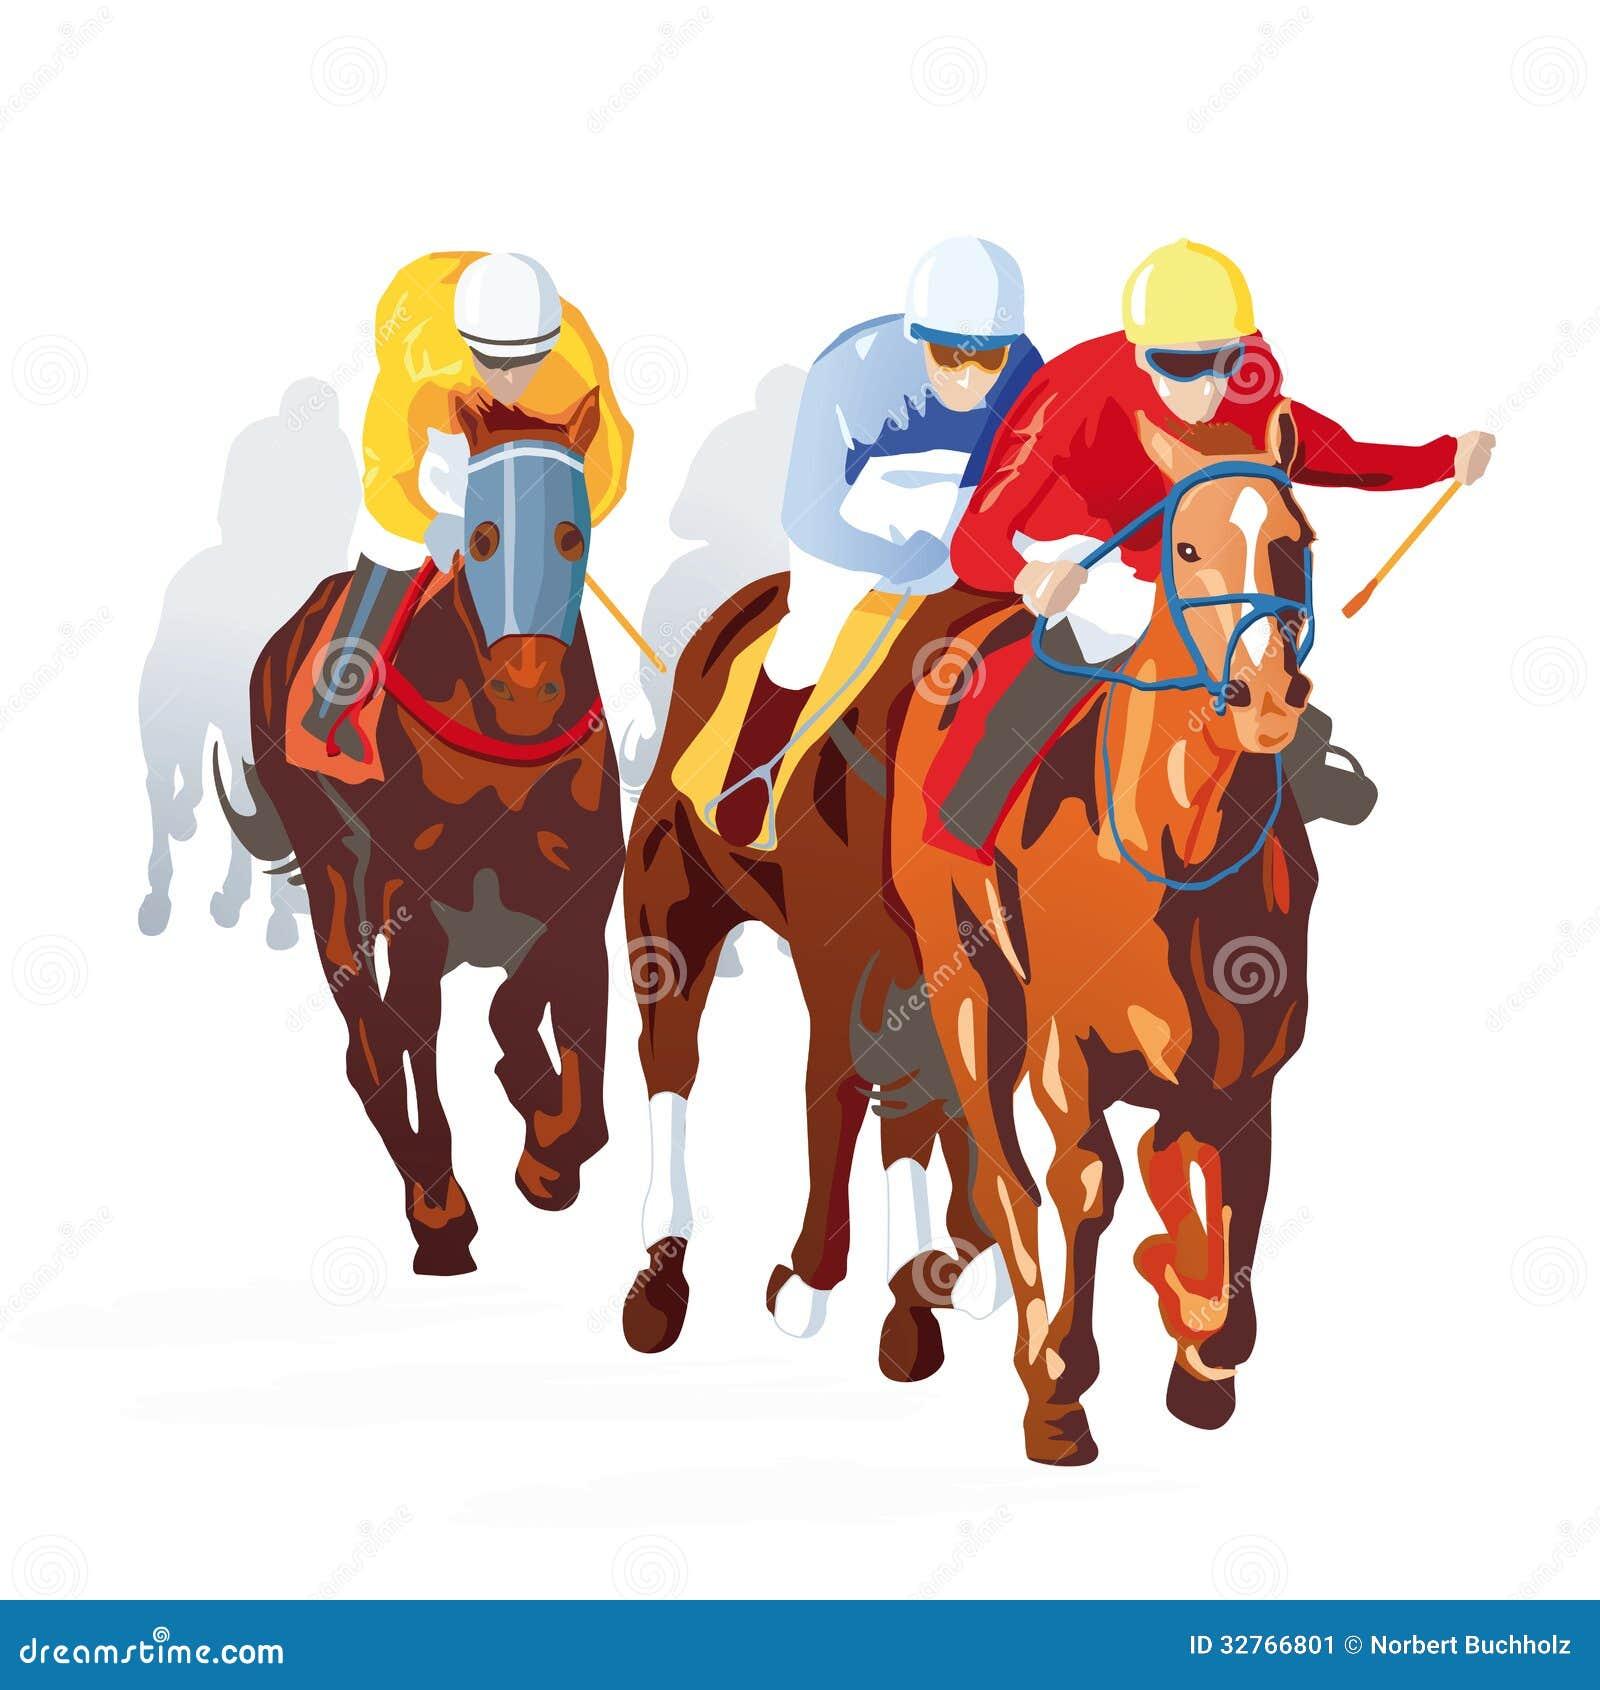 Illustration of jockeys riding horses in race, white background.